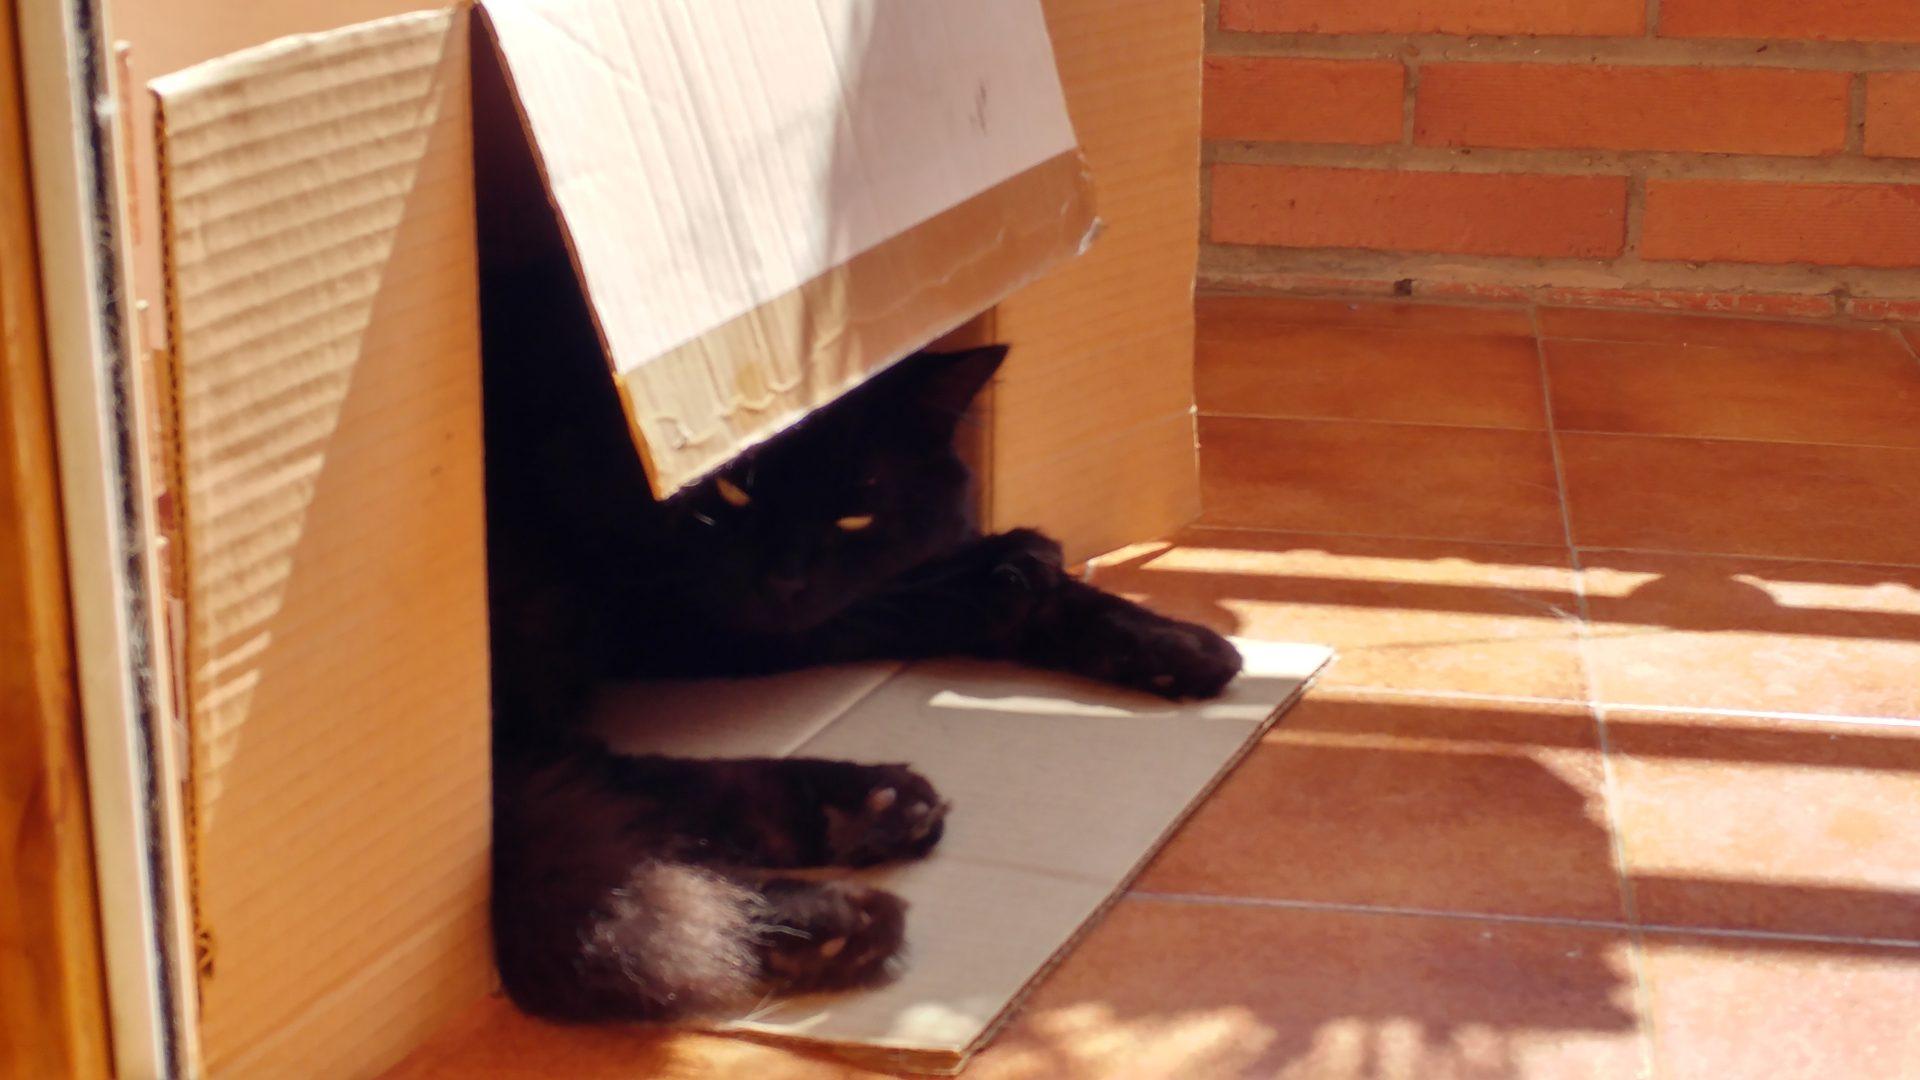 Canuto en una caja de cartón en el balcón